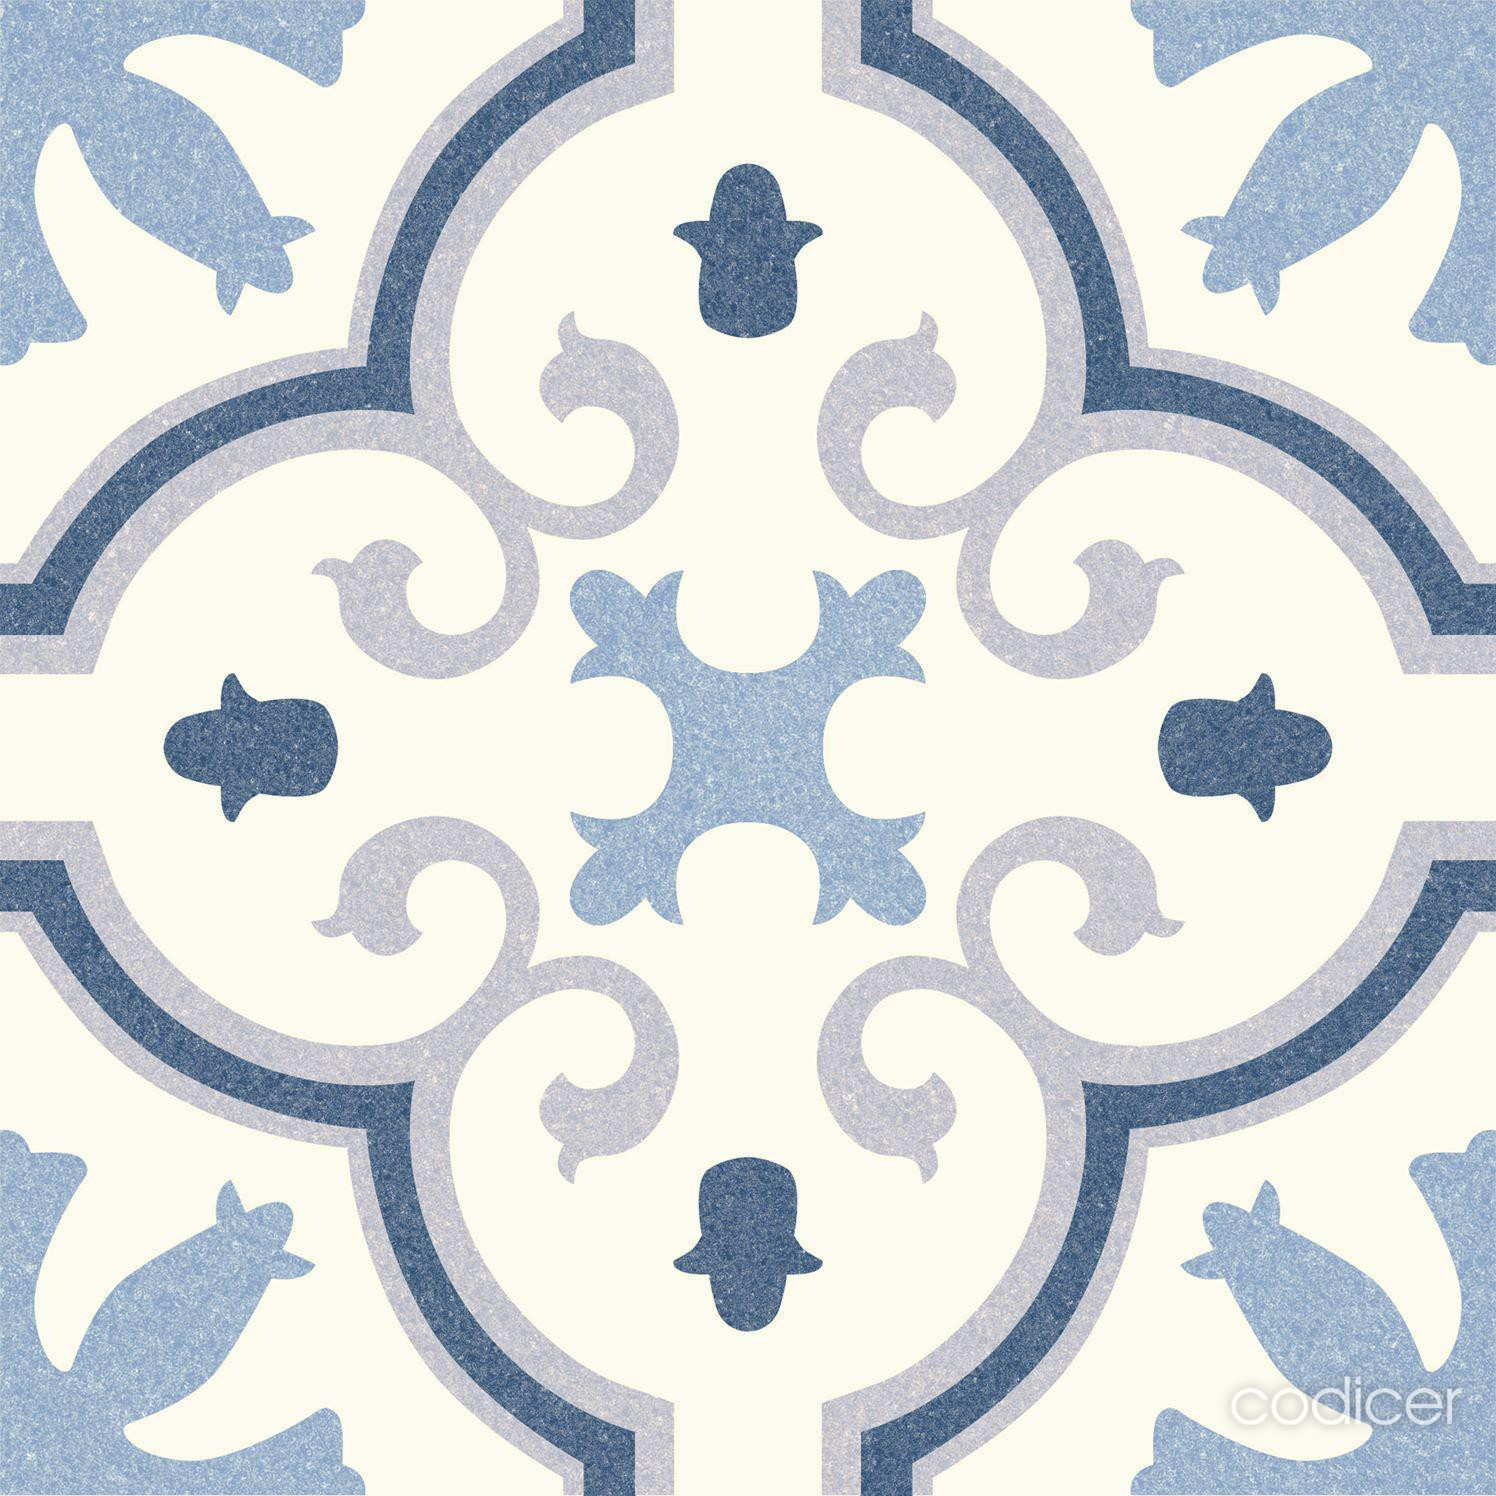 6.0007.21  Codicer Retrofliese / Feinsteinzeug MONTECARLO BLUE